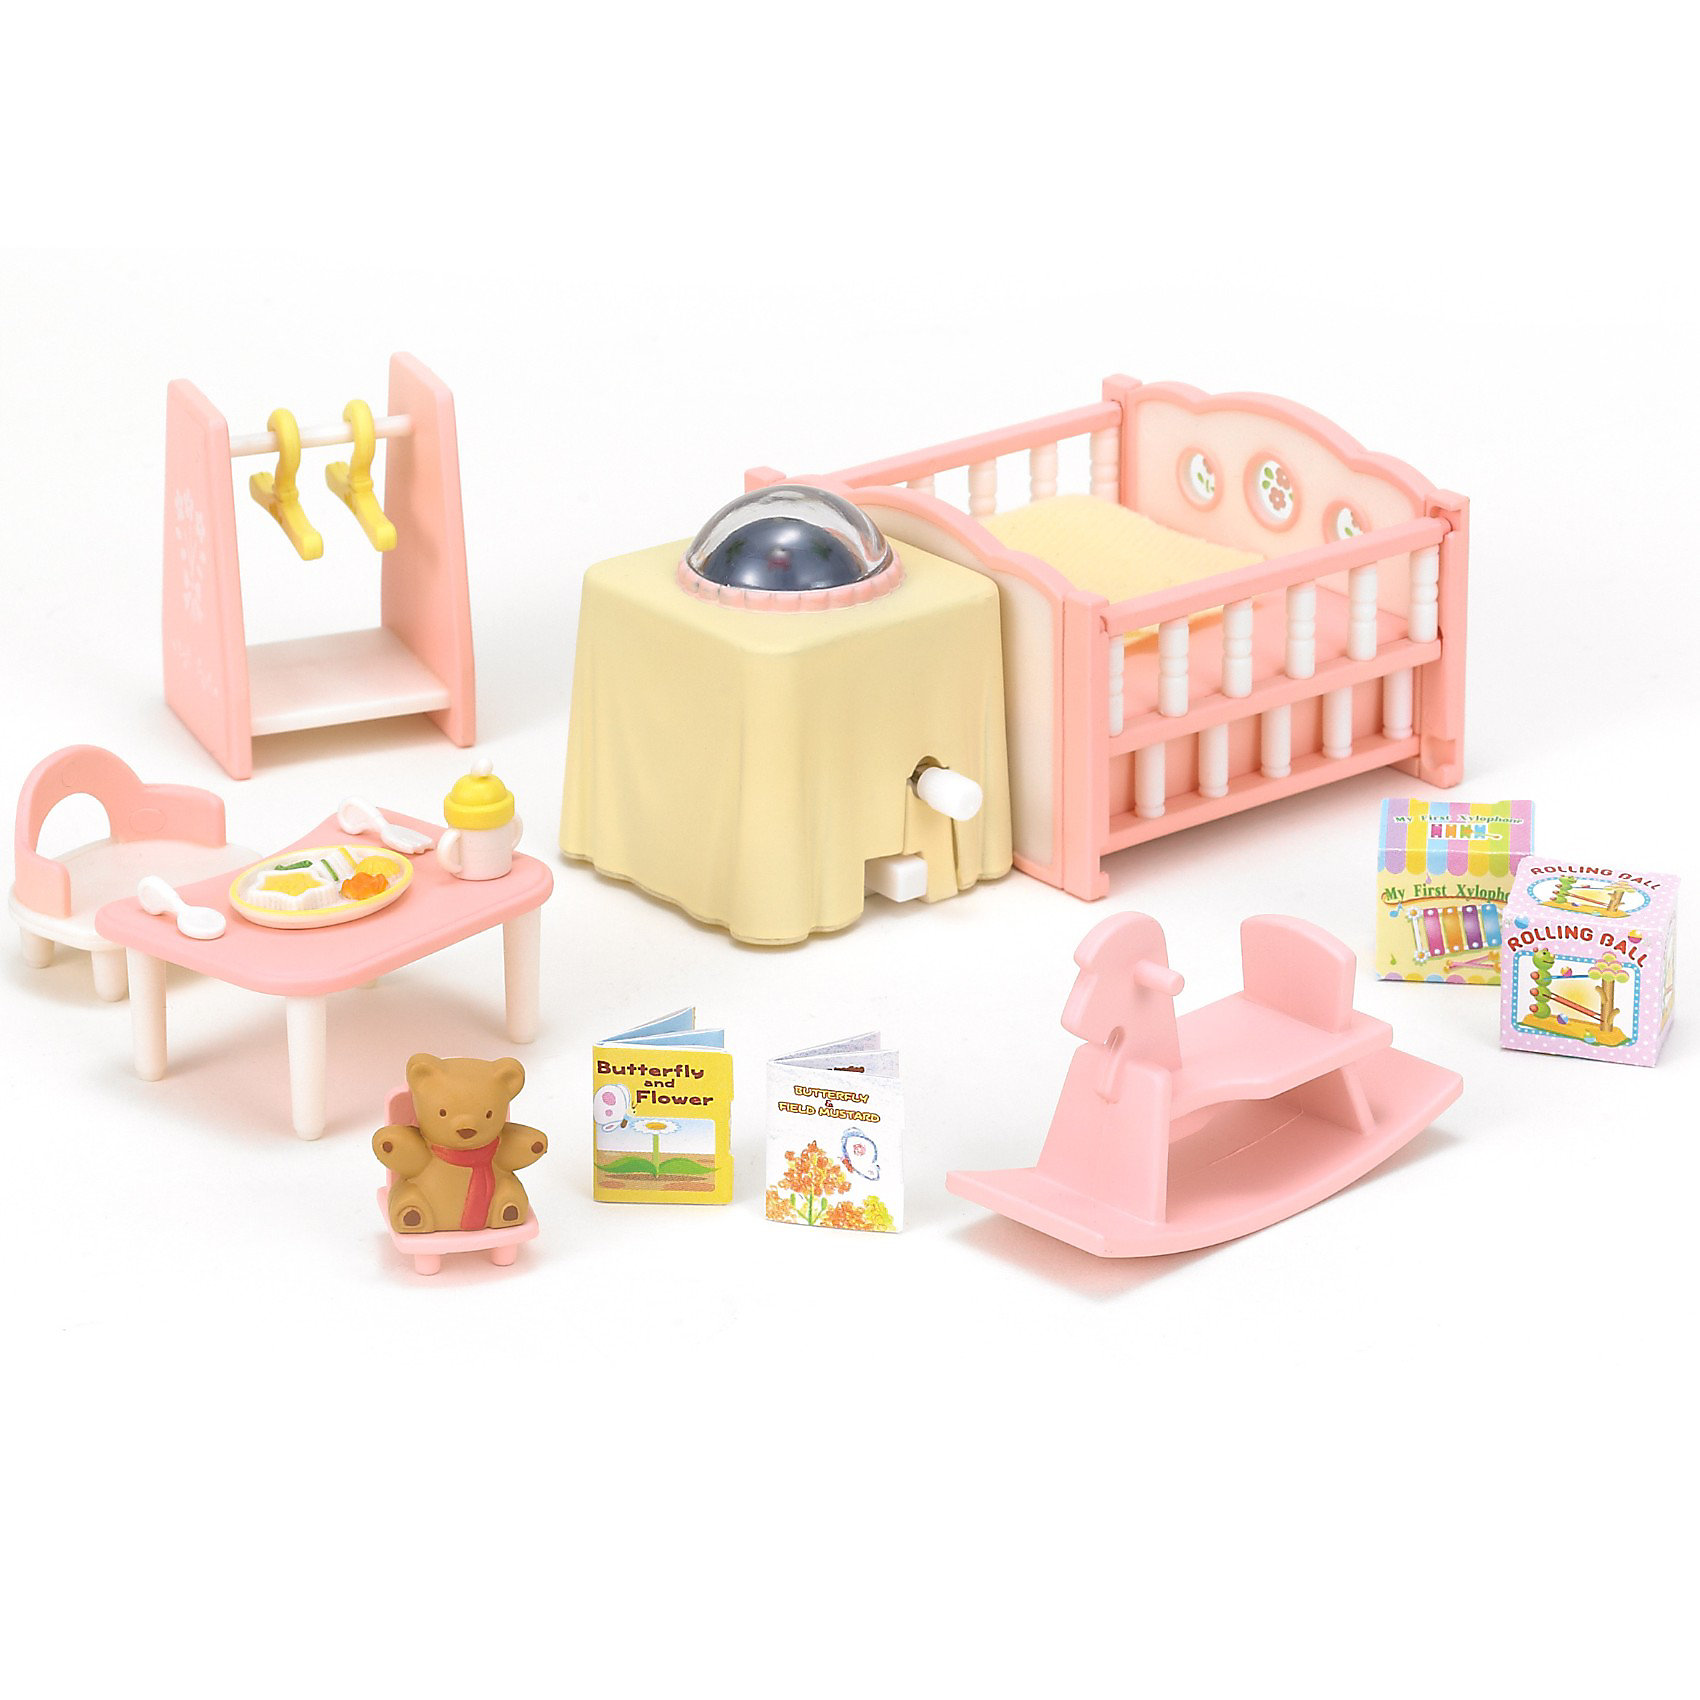 Набор Детская комната Sylvanian FamiliesС набором «Детская комната» от Sylvanian Families (Сильваниан Фамилиес) ребенок сможет сам обустроить детскую для зверюшек-малышей.<br><br>В набор входит все необходимое для малыша: он сидит за столиком, играет с игрушками, может покачаться на лошадке, а вечером мама положит его в кроватку и погасит ночник. <br><br>Дополнительная информация:<br><br>Для работы ночника требуется батарейки 2шт х ААА 1,5 В LR03 (в комплекте нет)<br>В комплекте:<br>- кровать<br>- столик с ночничком<br>- вешалка<br>- качалка<br>- столик и стульчик для малыша<br>- игрушки<br>Размеры кроватки: 8 х 3,5, стол --4 х 2,5 см; стойка для одежды - 3,5 х 5 см<br>Материал: высококачественная пластмасса, текстиль, бумага<br><br>Набор Детская комната Sylvanian Families (Сильваниан Фэмилис) можно купить в нашем магазине.<br><br>Ширина мм: 204<br>Глубина мм: 172<br>Высота мм: 63<br>Вес г: 224<br>Возраст от месяцев: 36<br>Возраст до месяцев: 72<br>Пол: Женский<br>Возраст: Детский<br>SKU: 2458901